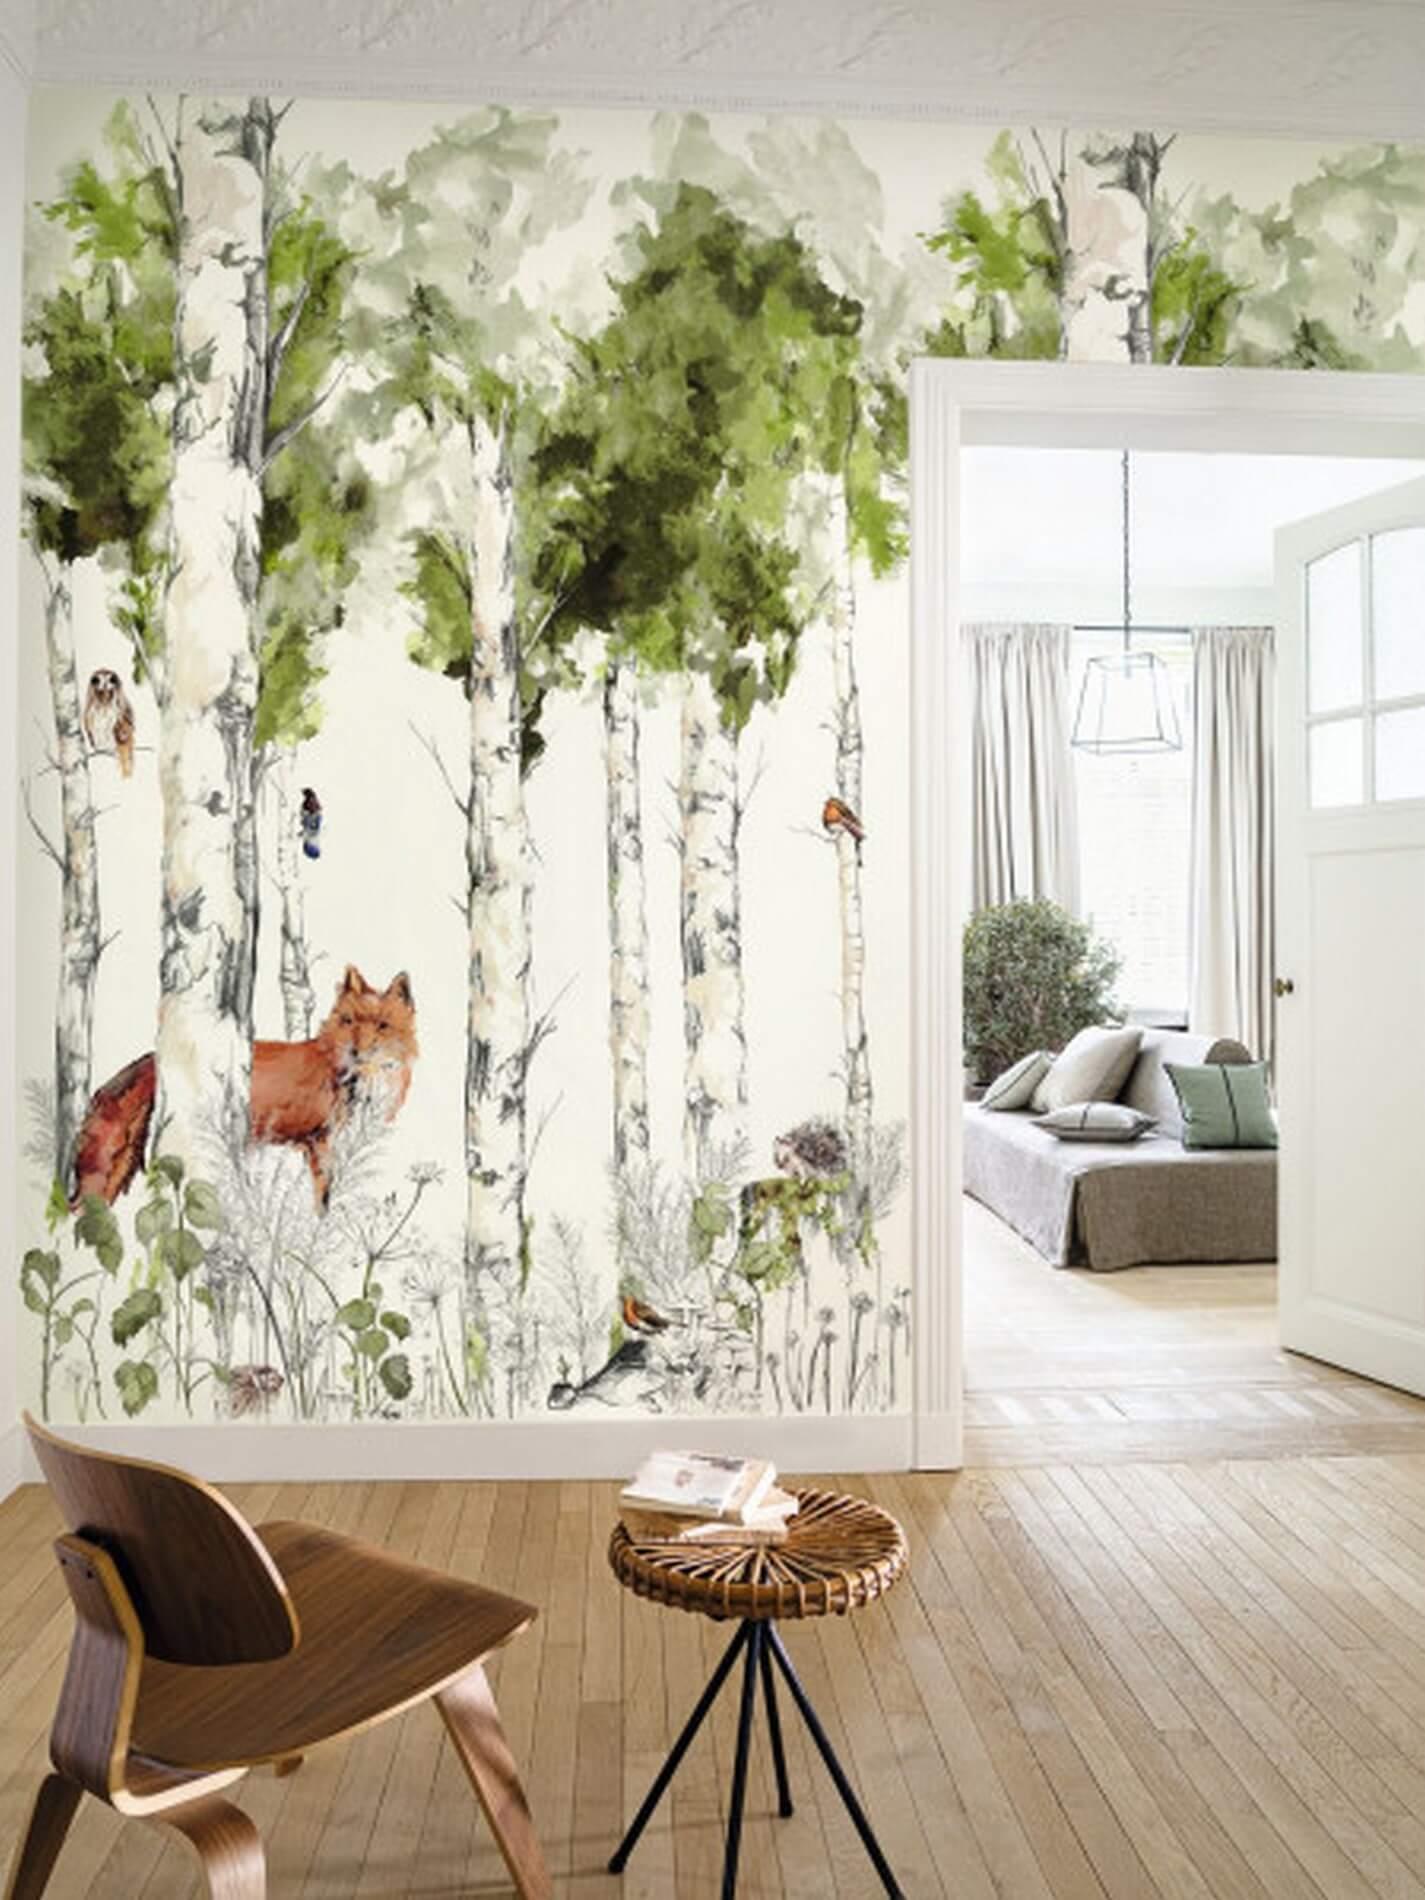 Mural brzozowy las aranżacja w skandynawskim stylu do pokoju malucha Casamance 74941324 SYLVANIA Panoramas